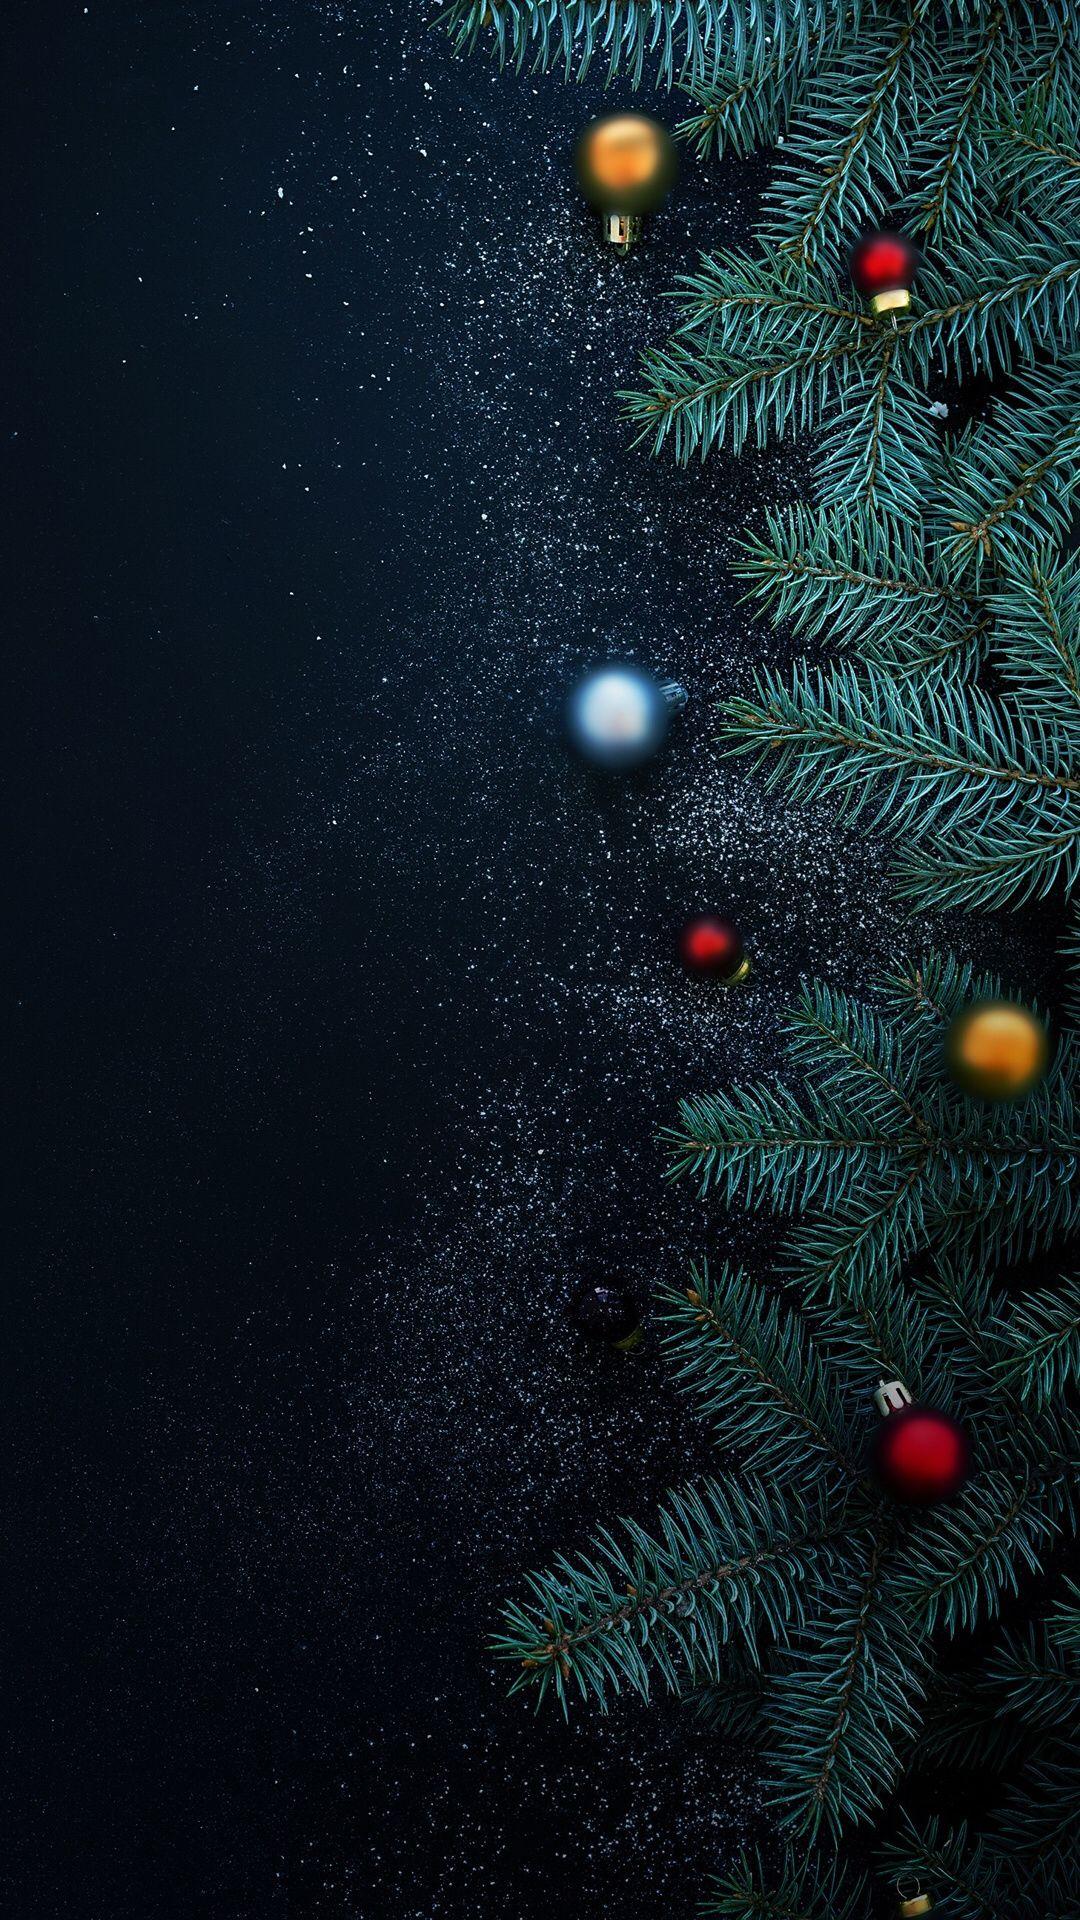 Christmas Tree Wallpaper iphone christmas, Christmas